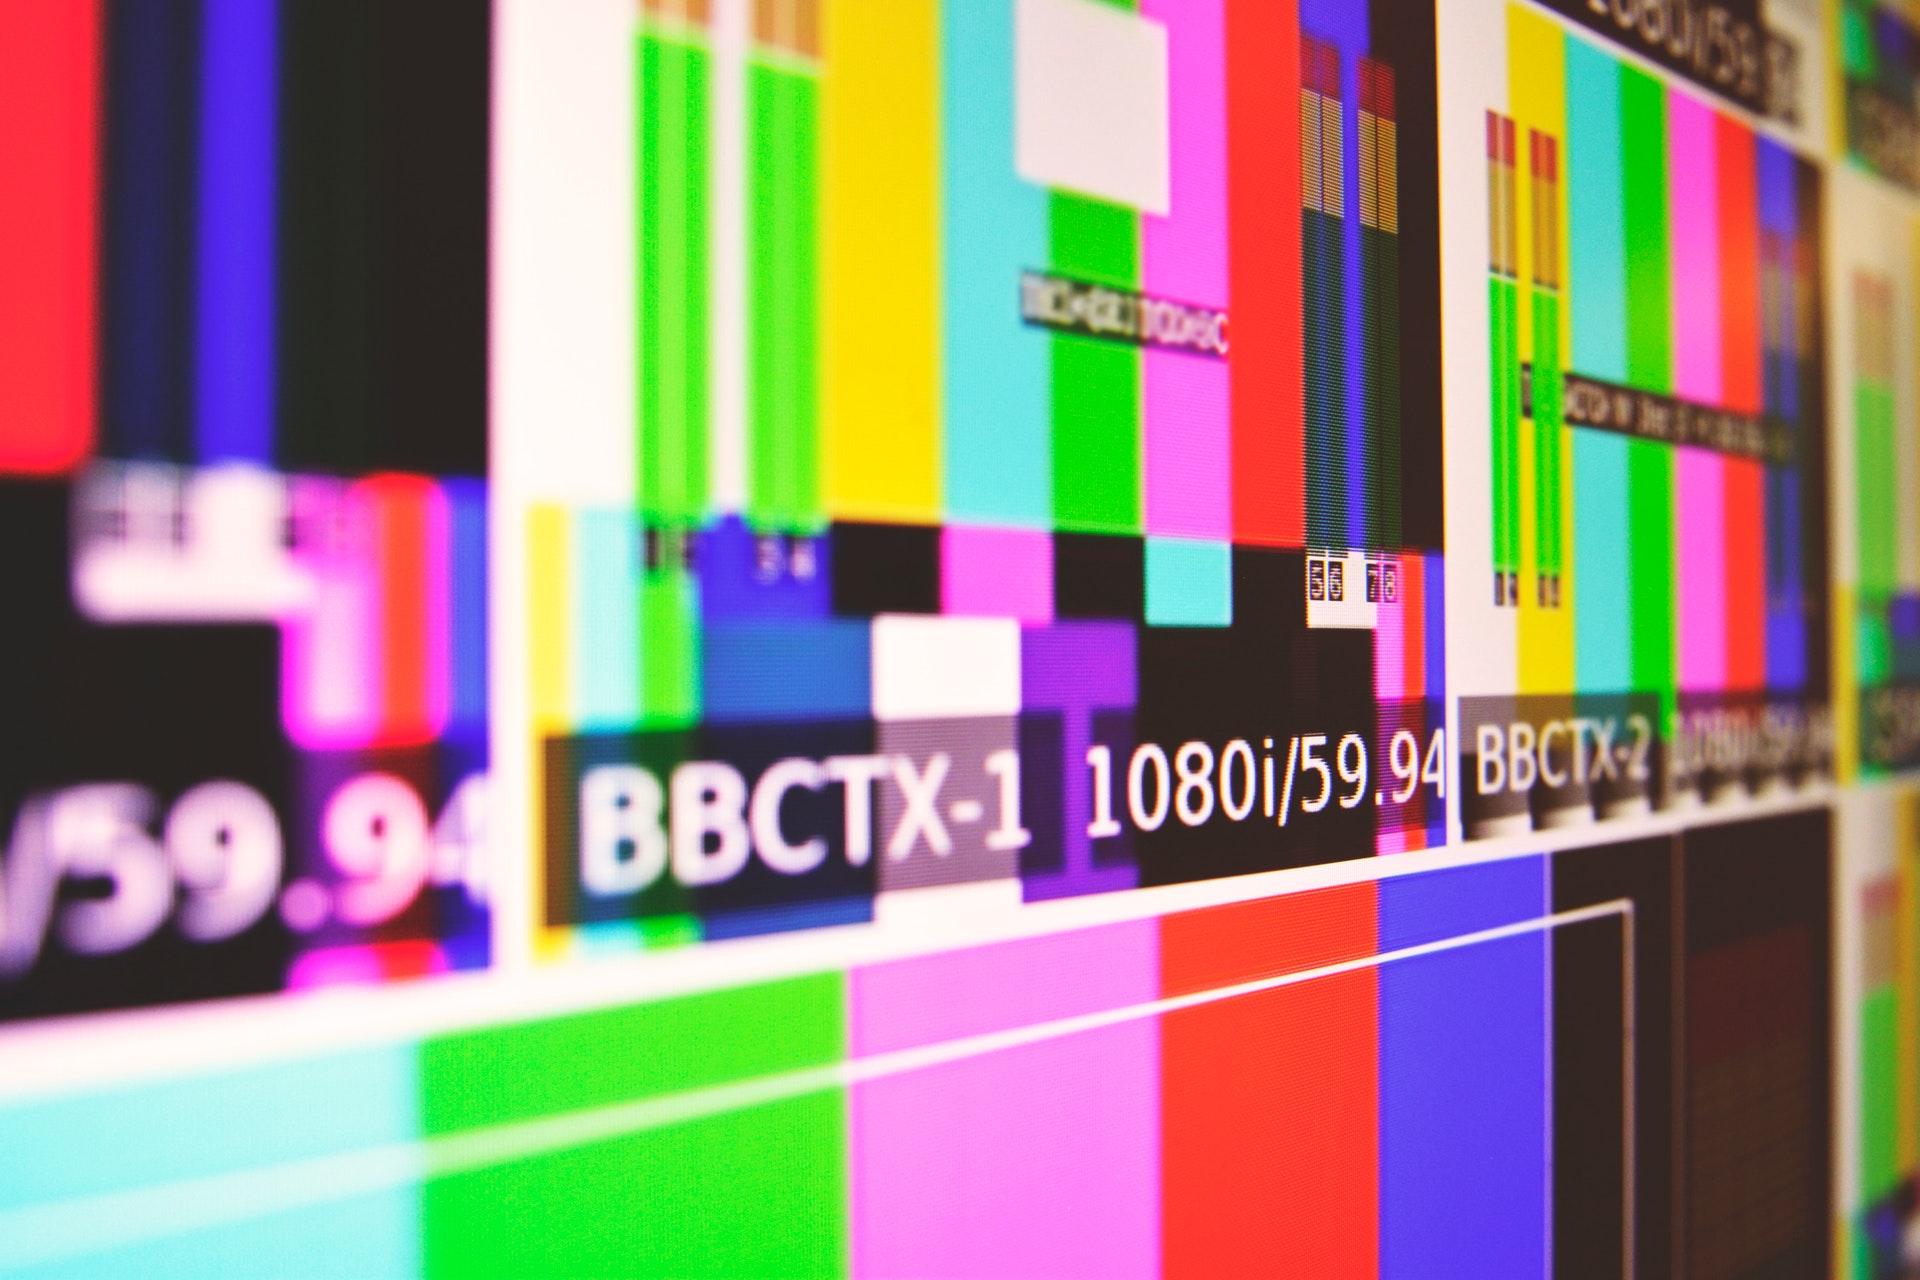 ¿Qué es MPEG-TS y para qué sirve?